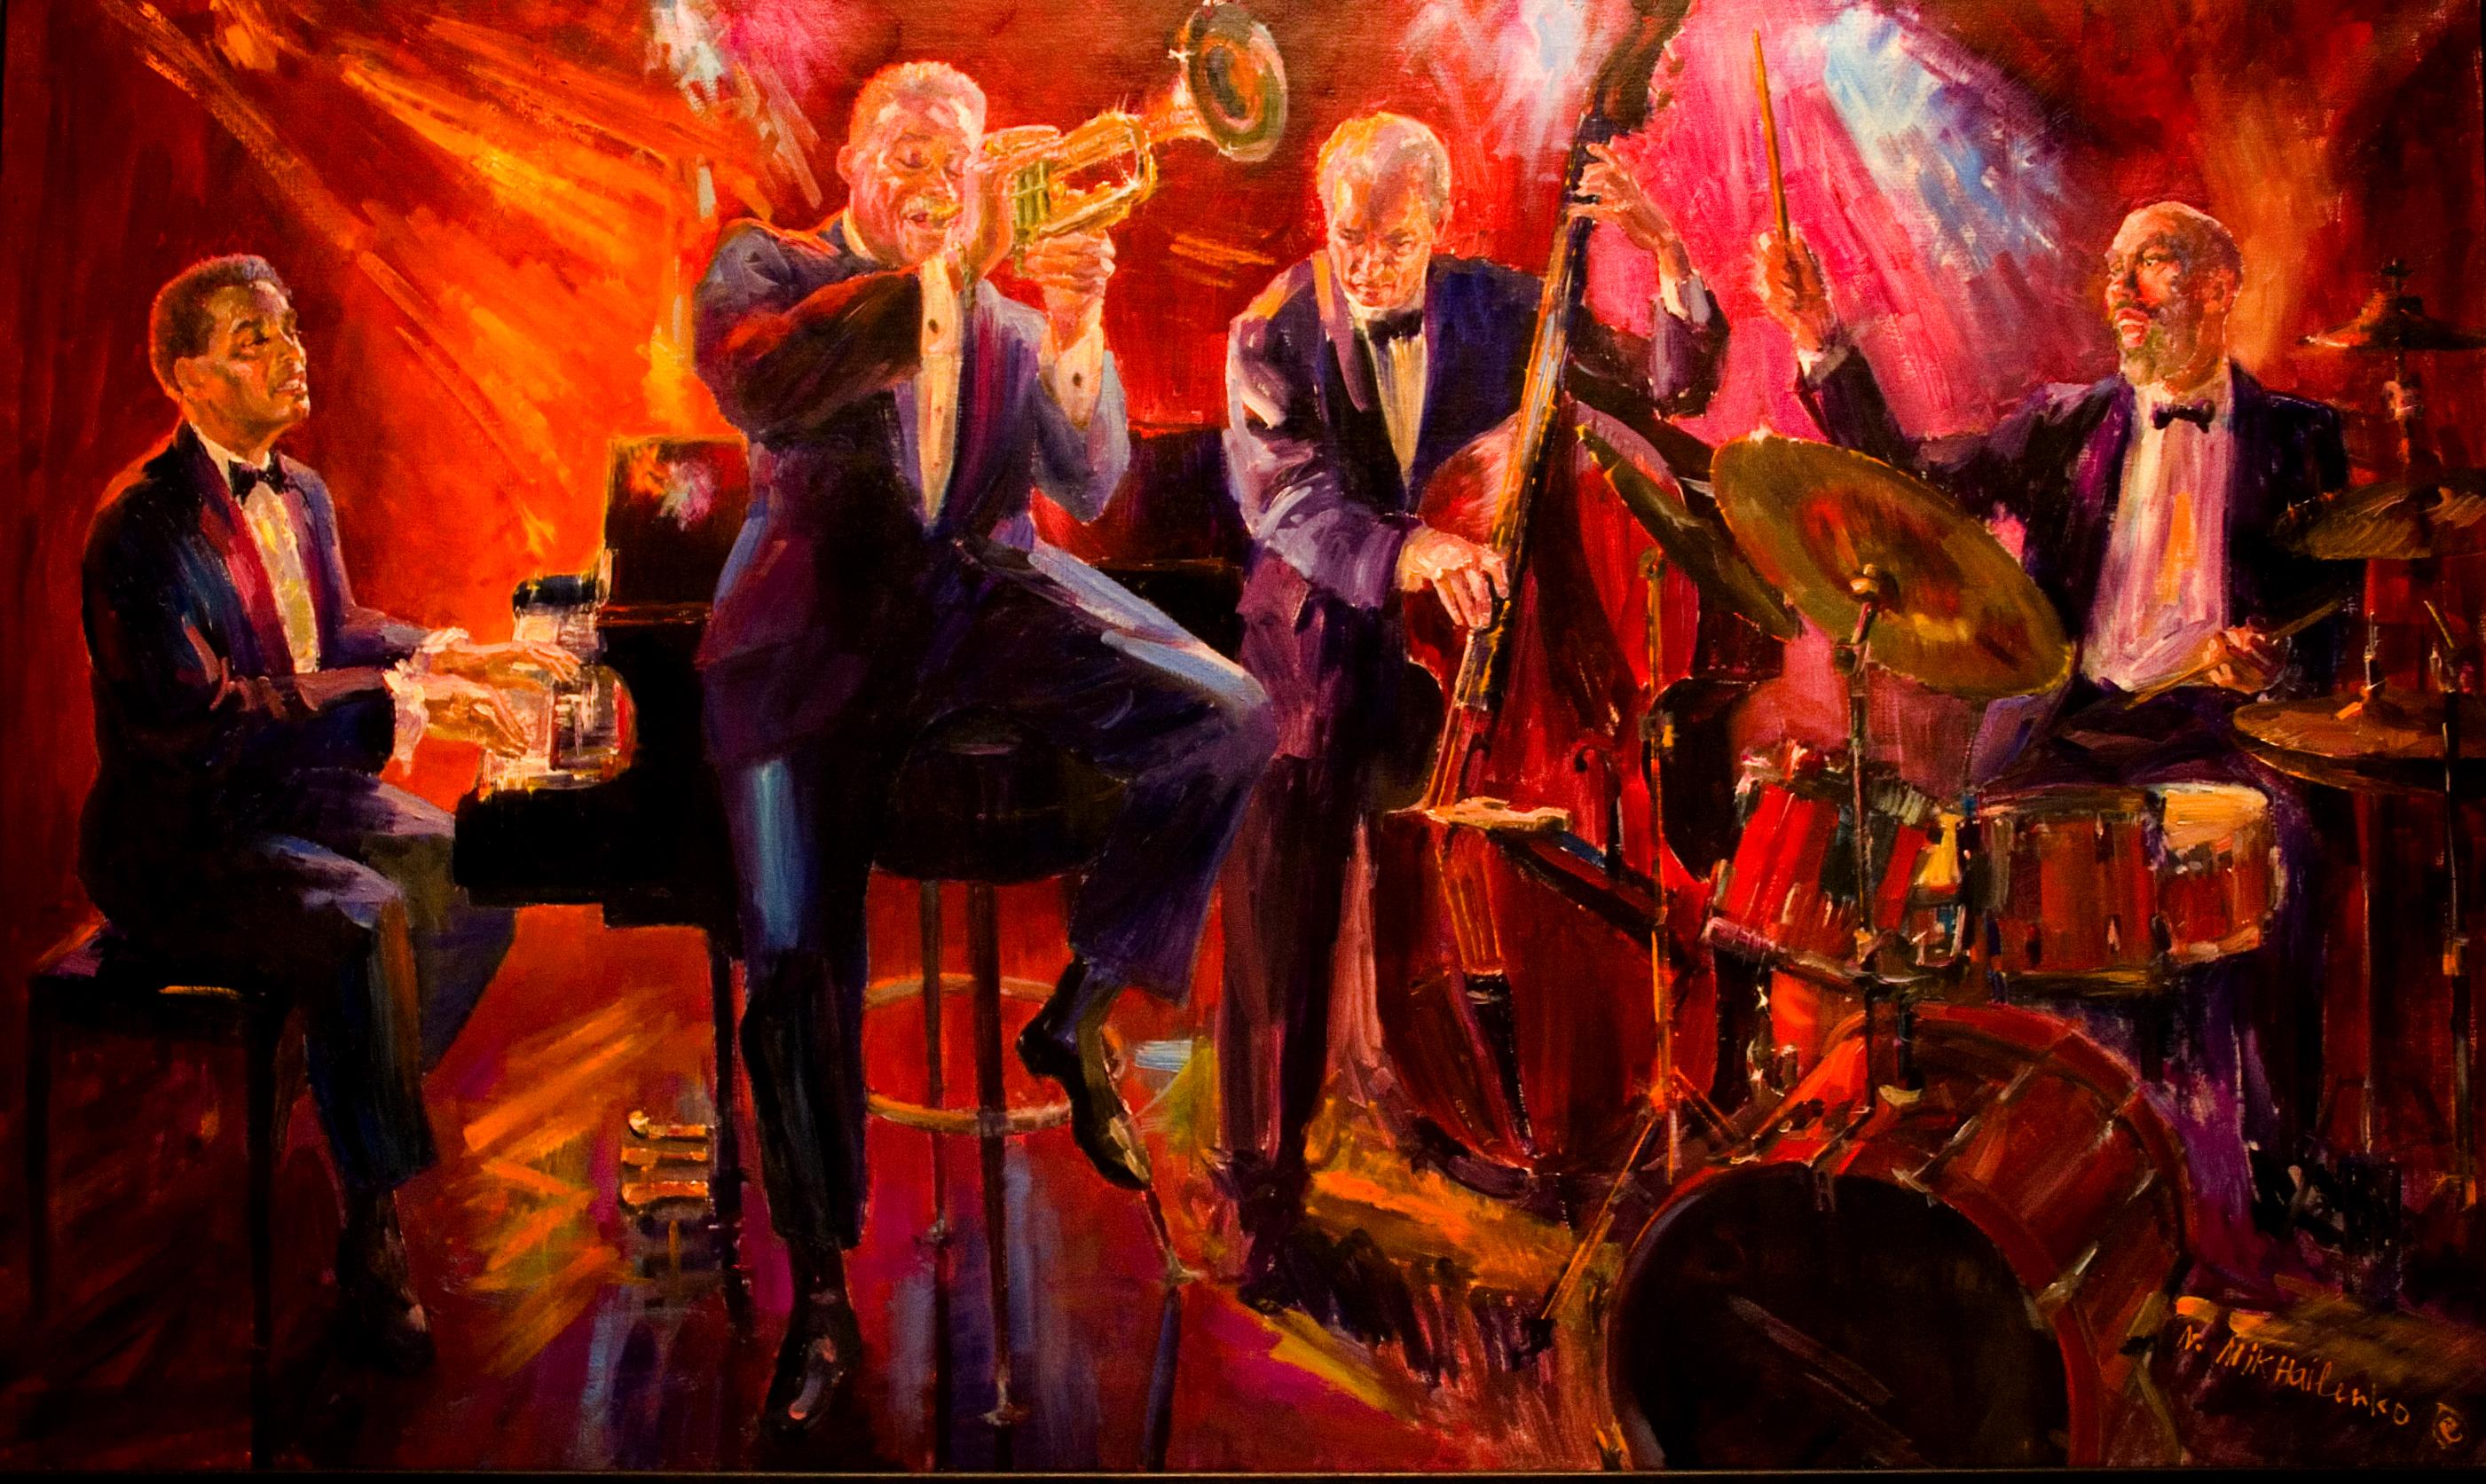 Caz Müzikleri Piyano Jaz Müziği Jazz Music kulübler Blues bilgi nedir orkestrası İstanbul Akor caz kulübü Bar Jazz festivali Konserleri Dinletisi gece klubü Barı akorları